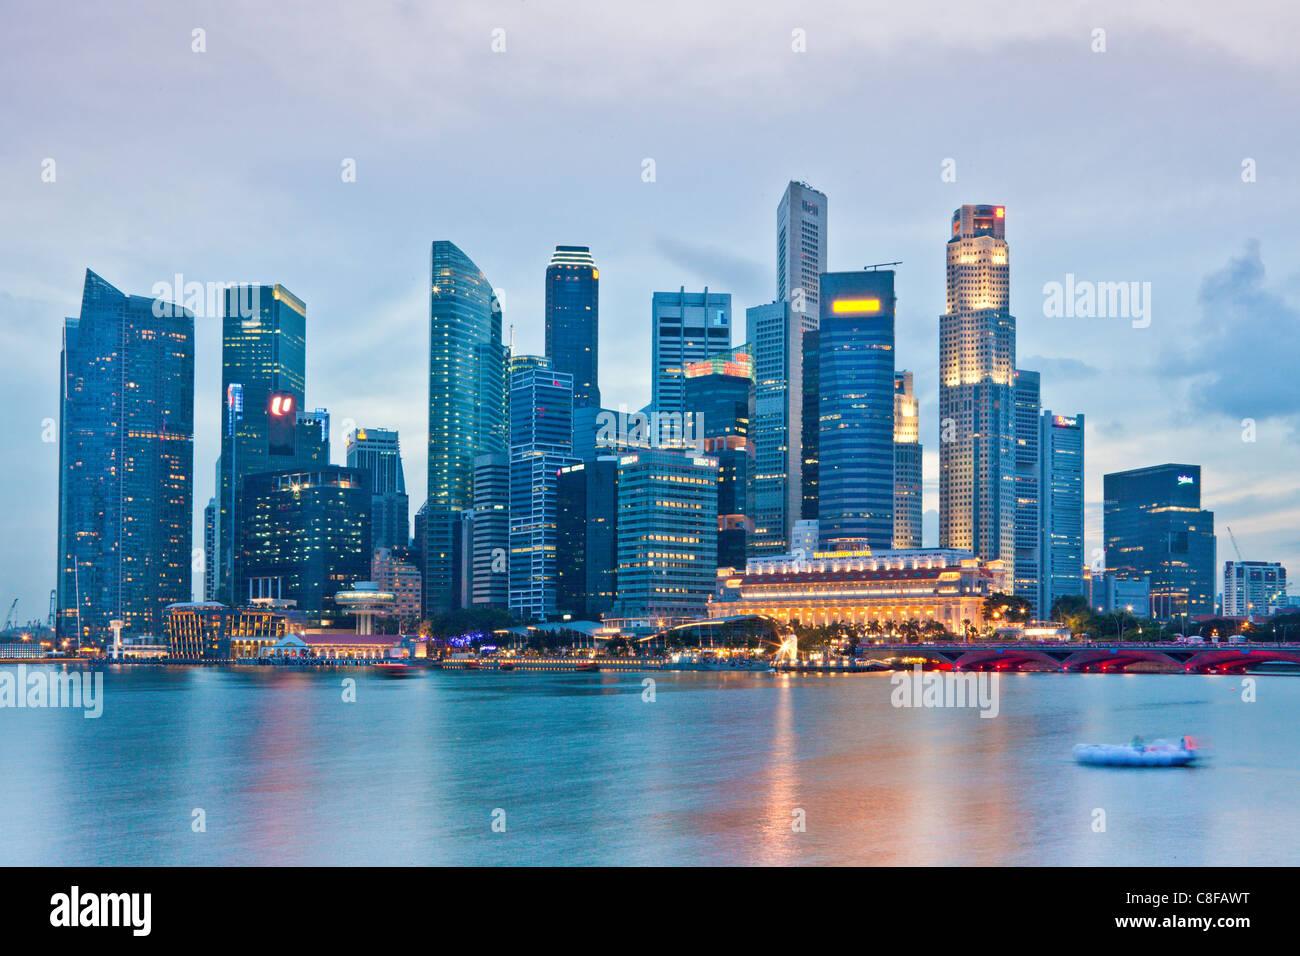 Singapur, Asien, Innenstadt, Blöcke von Wohnungen, Hochhäuser, Abend, Licht, Beleuchtung, Dämmerung, Stockbild